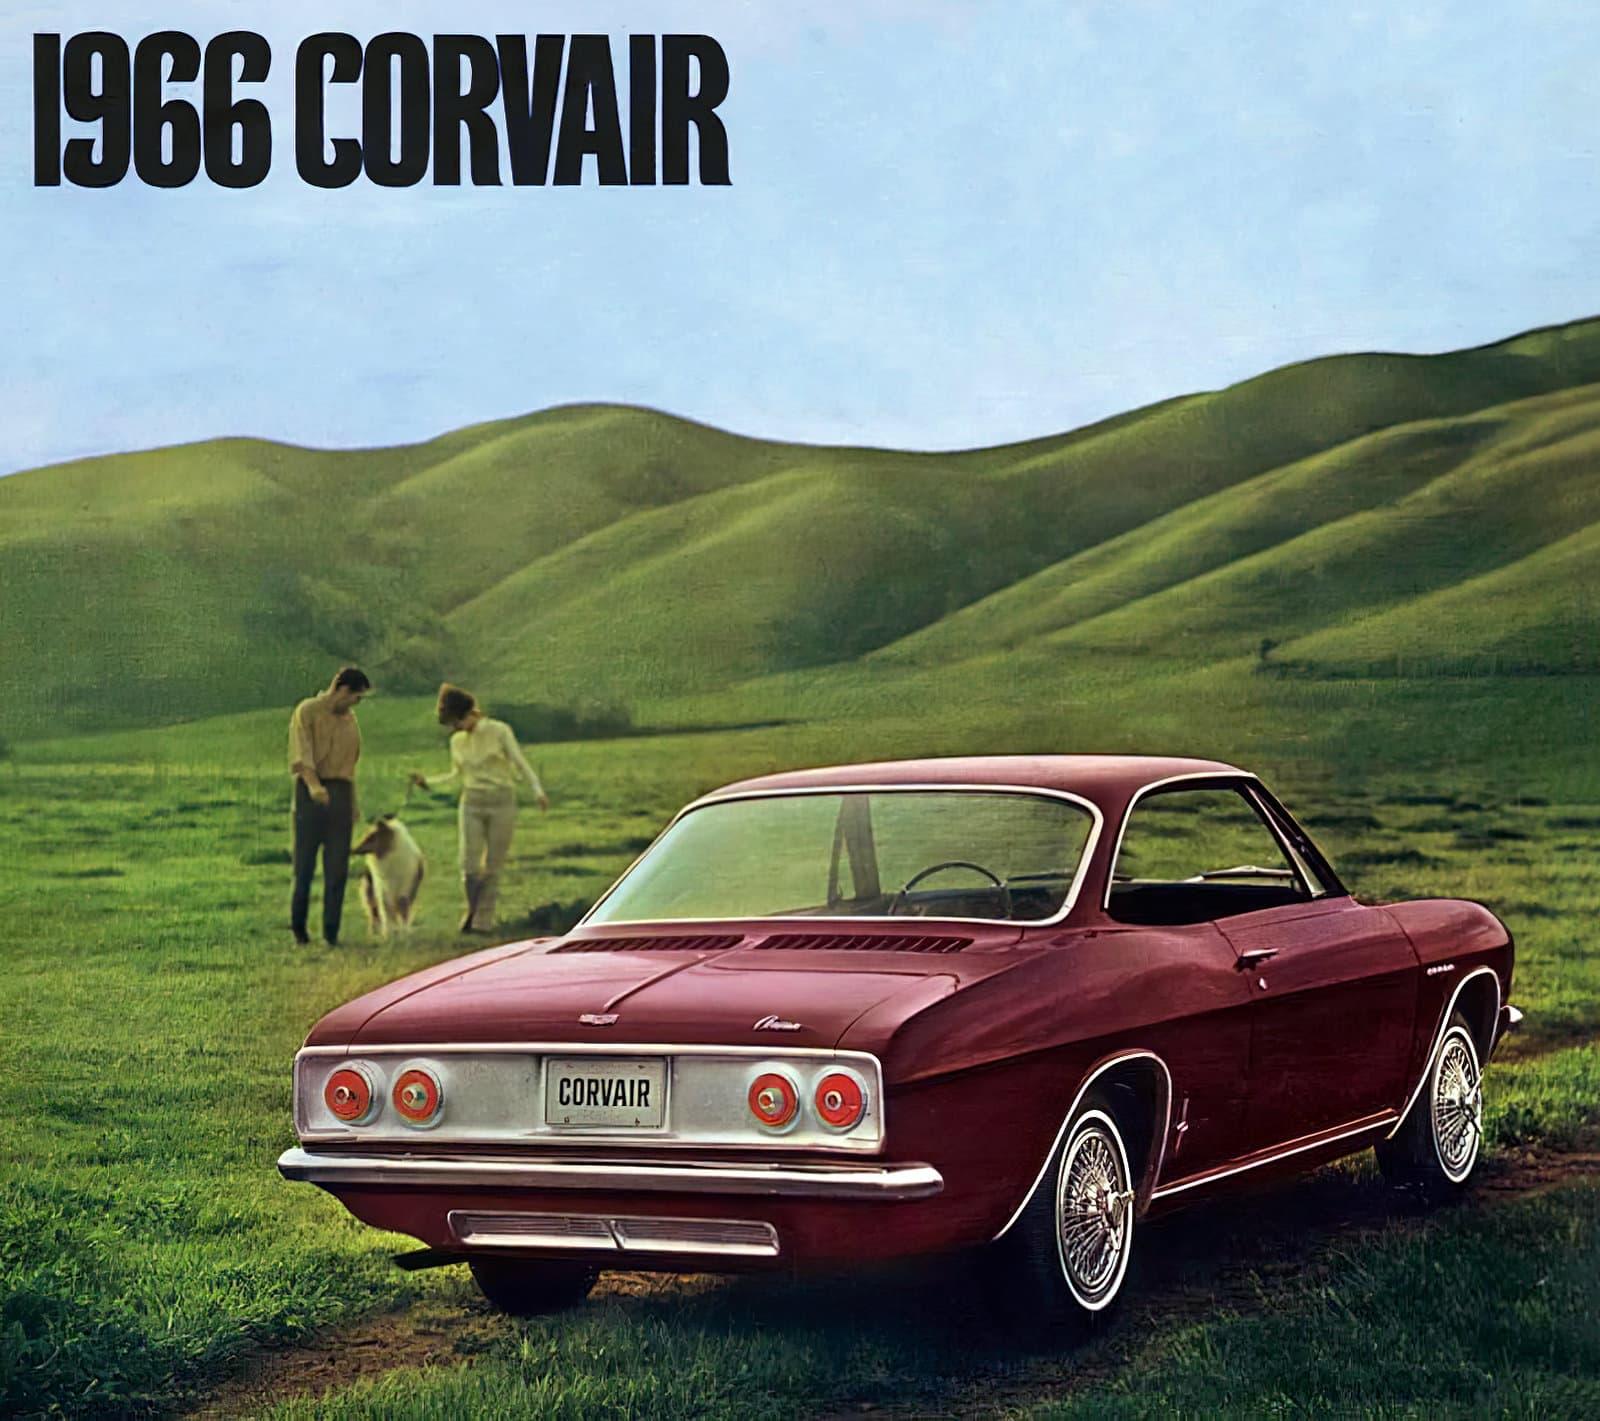 1966 Chevy Corvair car